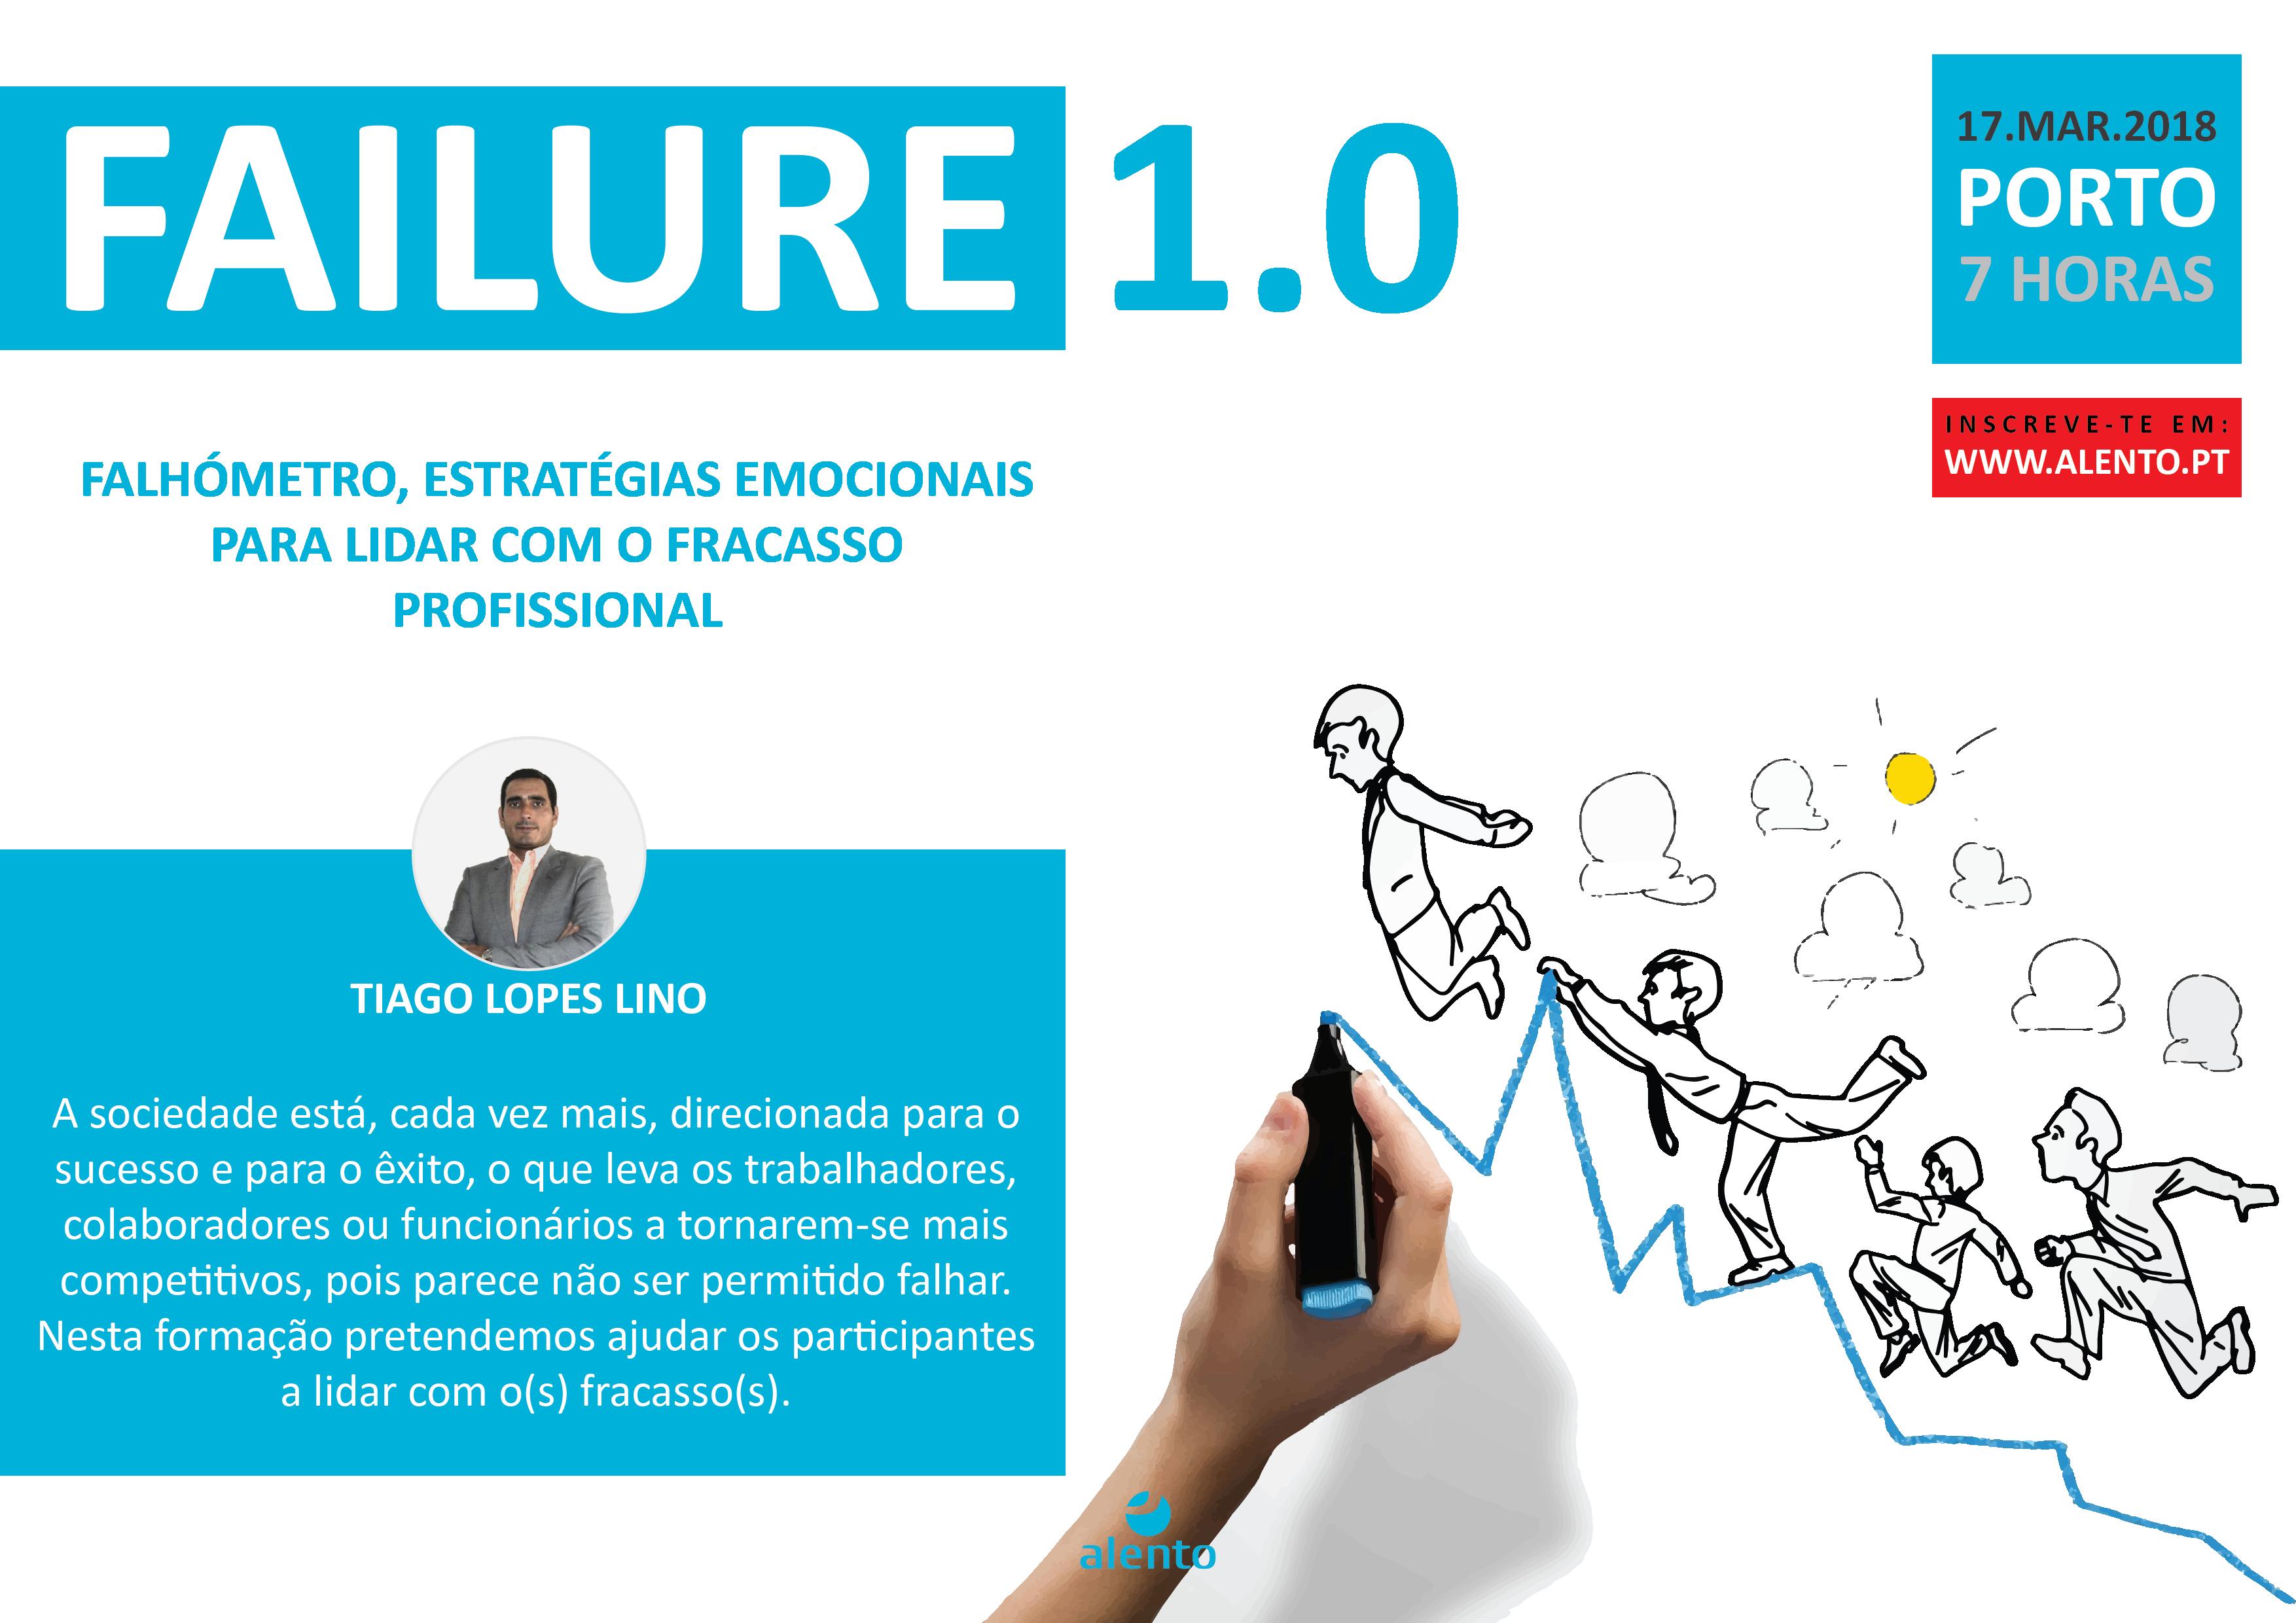 Failure 1.0 – Falhómetro, estratégias emocionais para lidar com o fracasso profissional